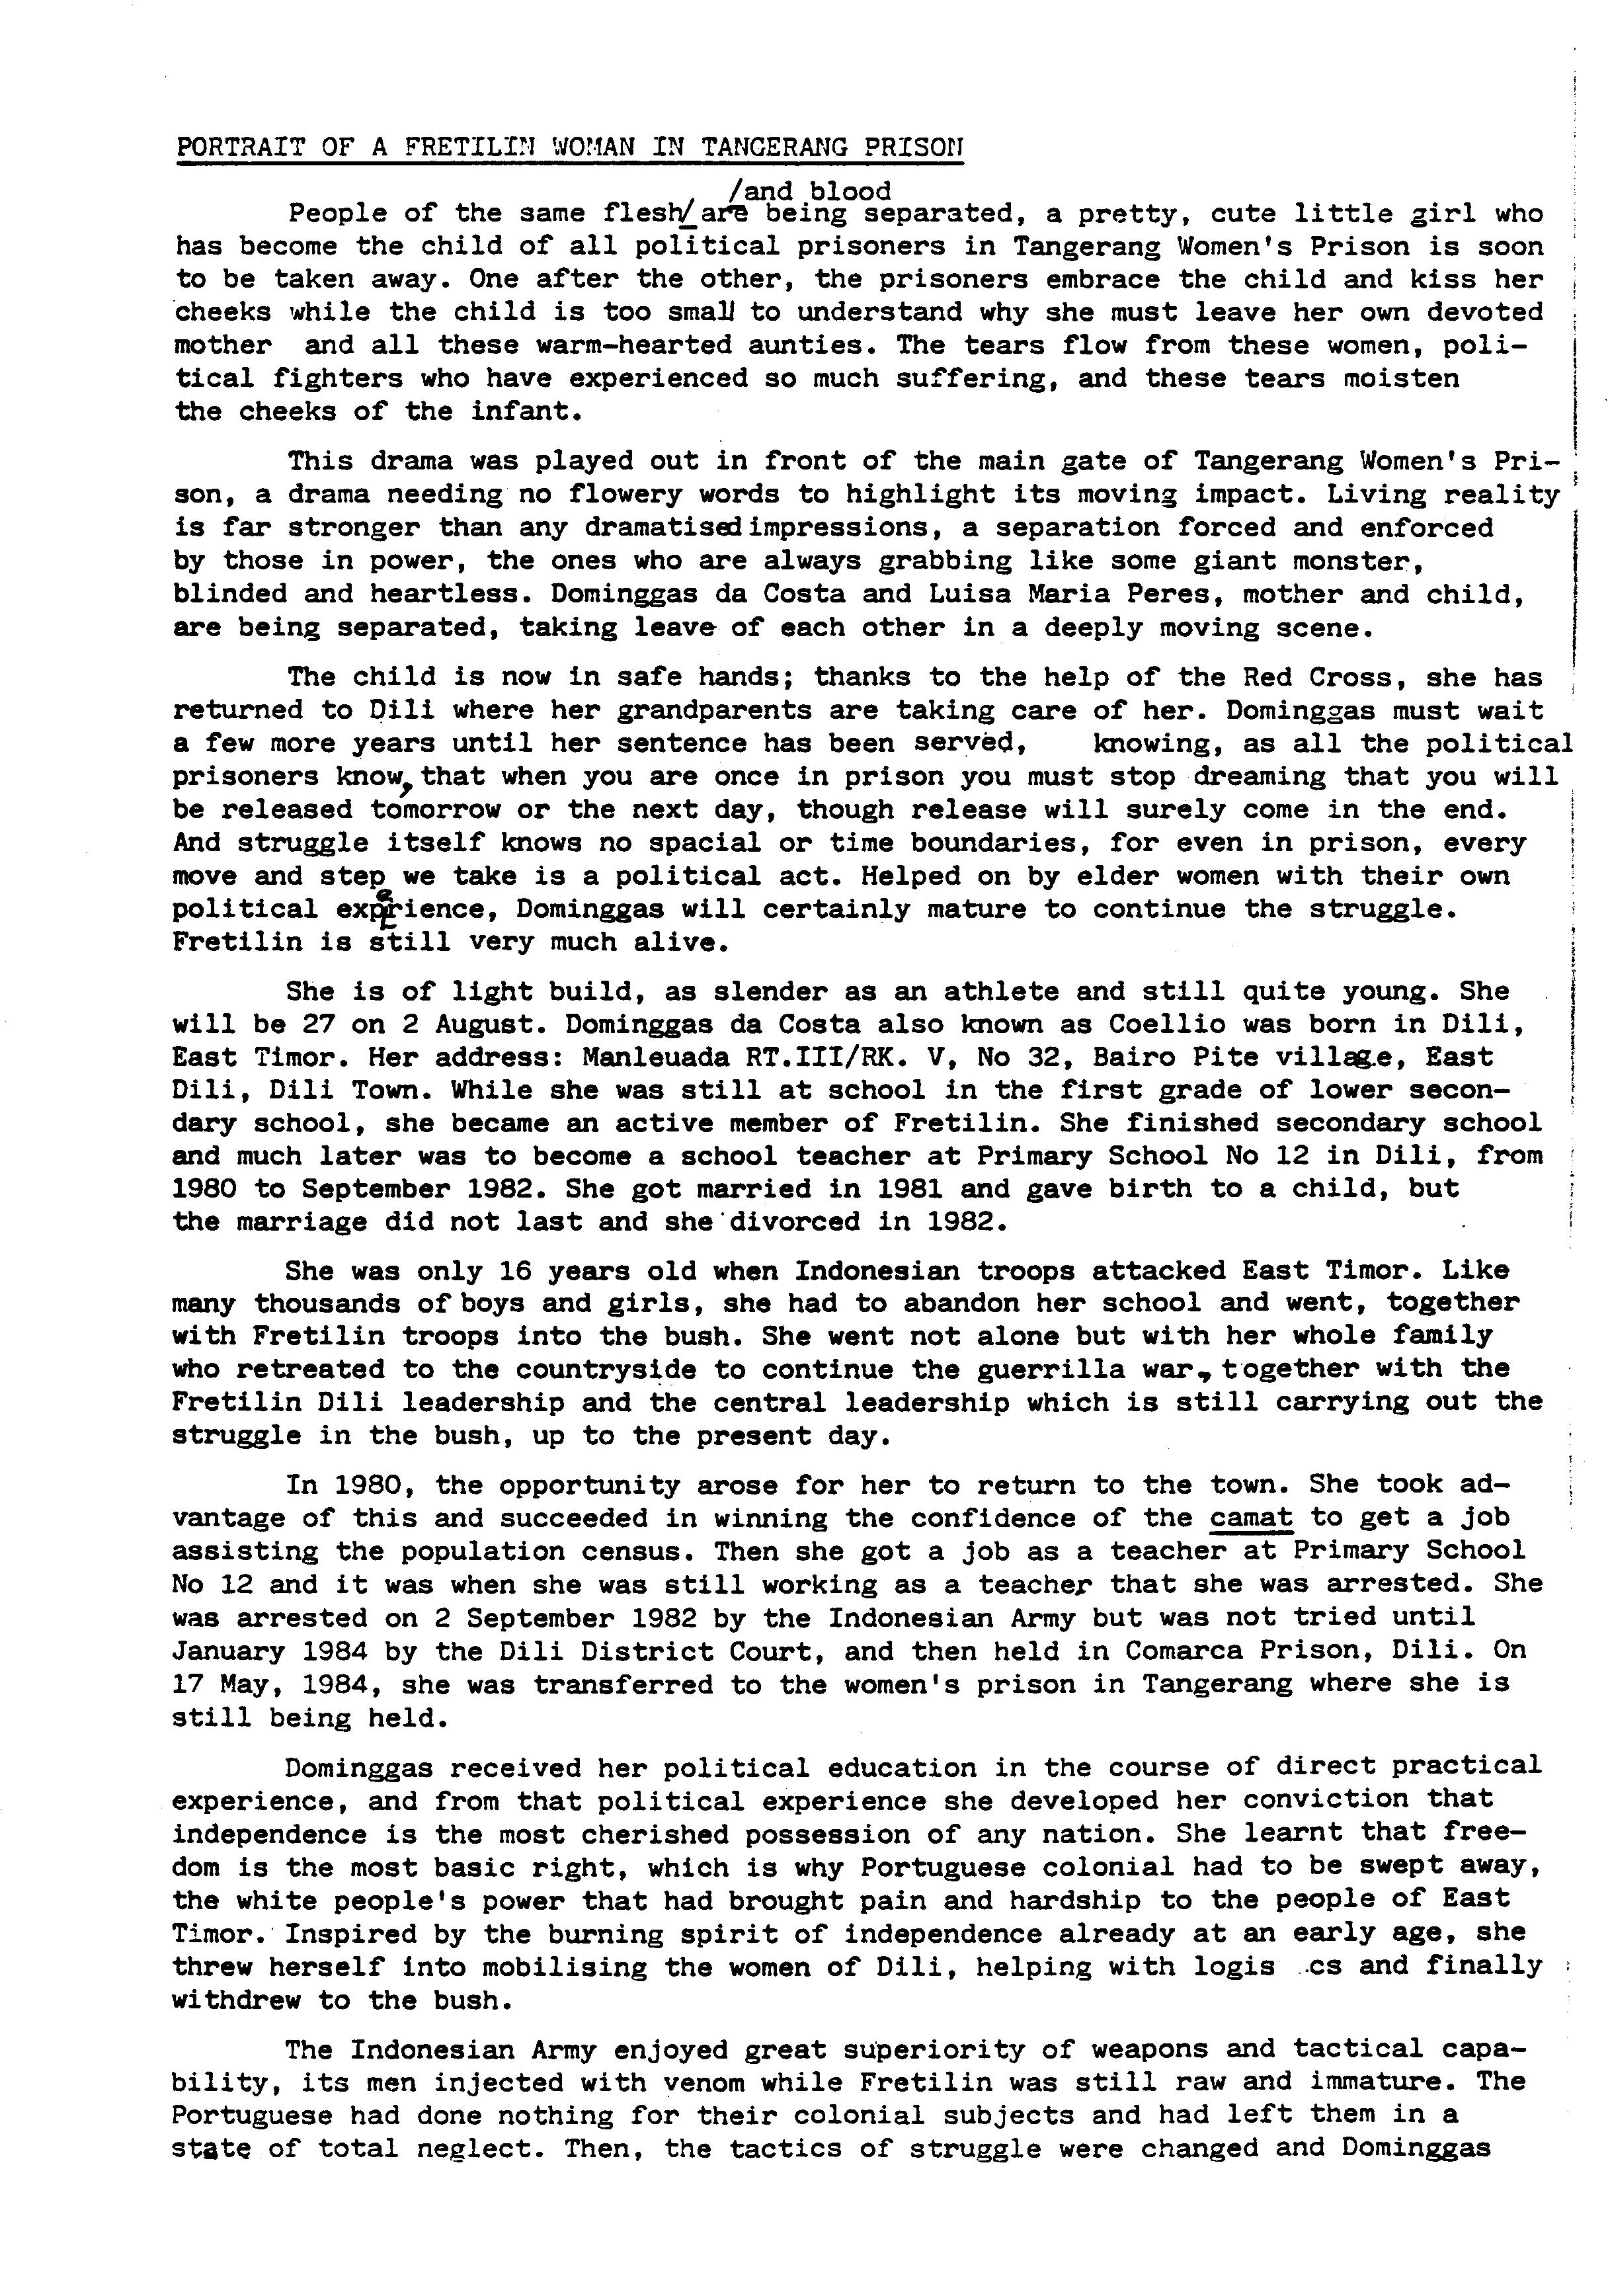 06443.036- pag.1